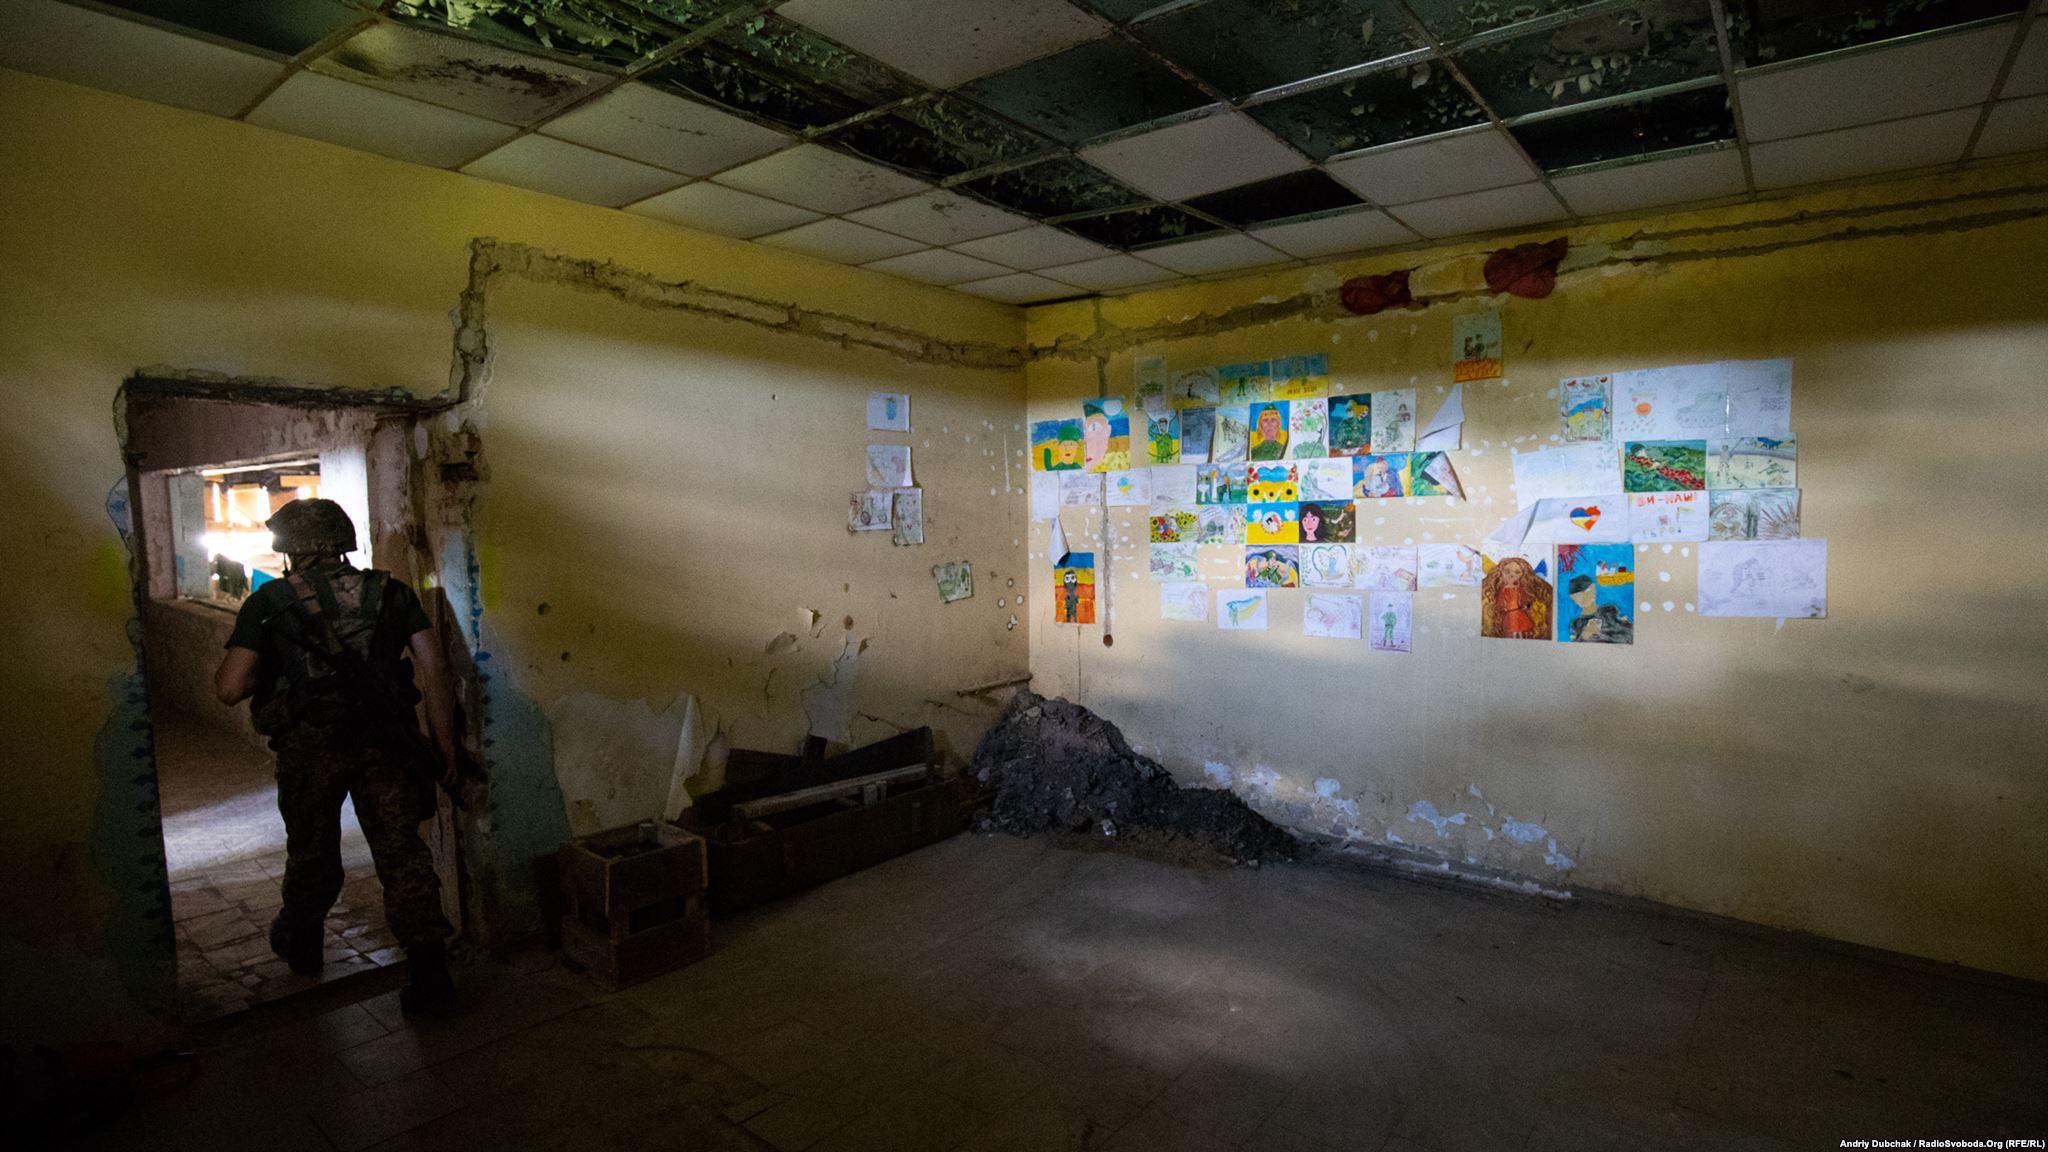 У одній з порожніх кімнат вся стіна завішана дитячими малюнками. У 2014-му, 2015-му їх багато привозили волонтери (ukraine conflict photographer Andriy Dubchak)